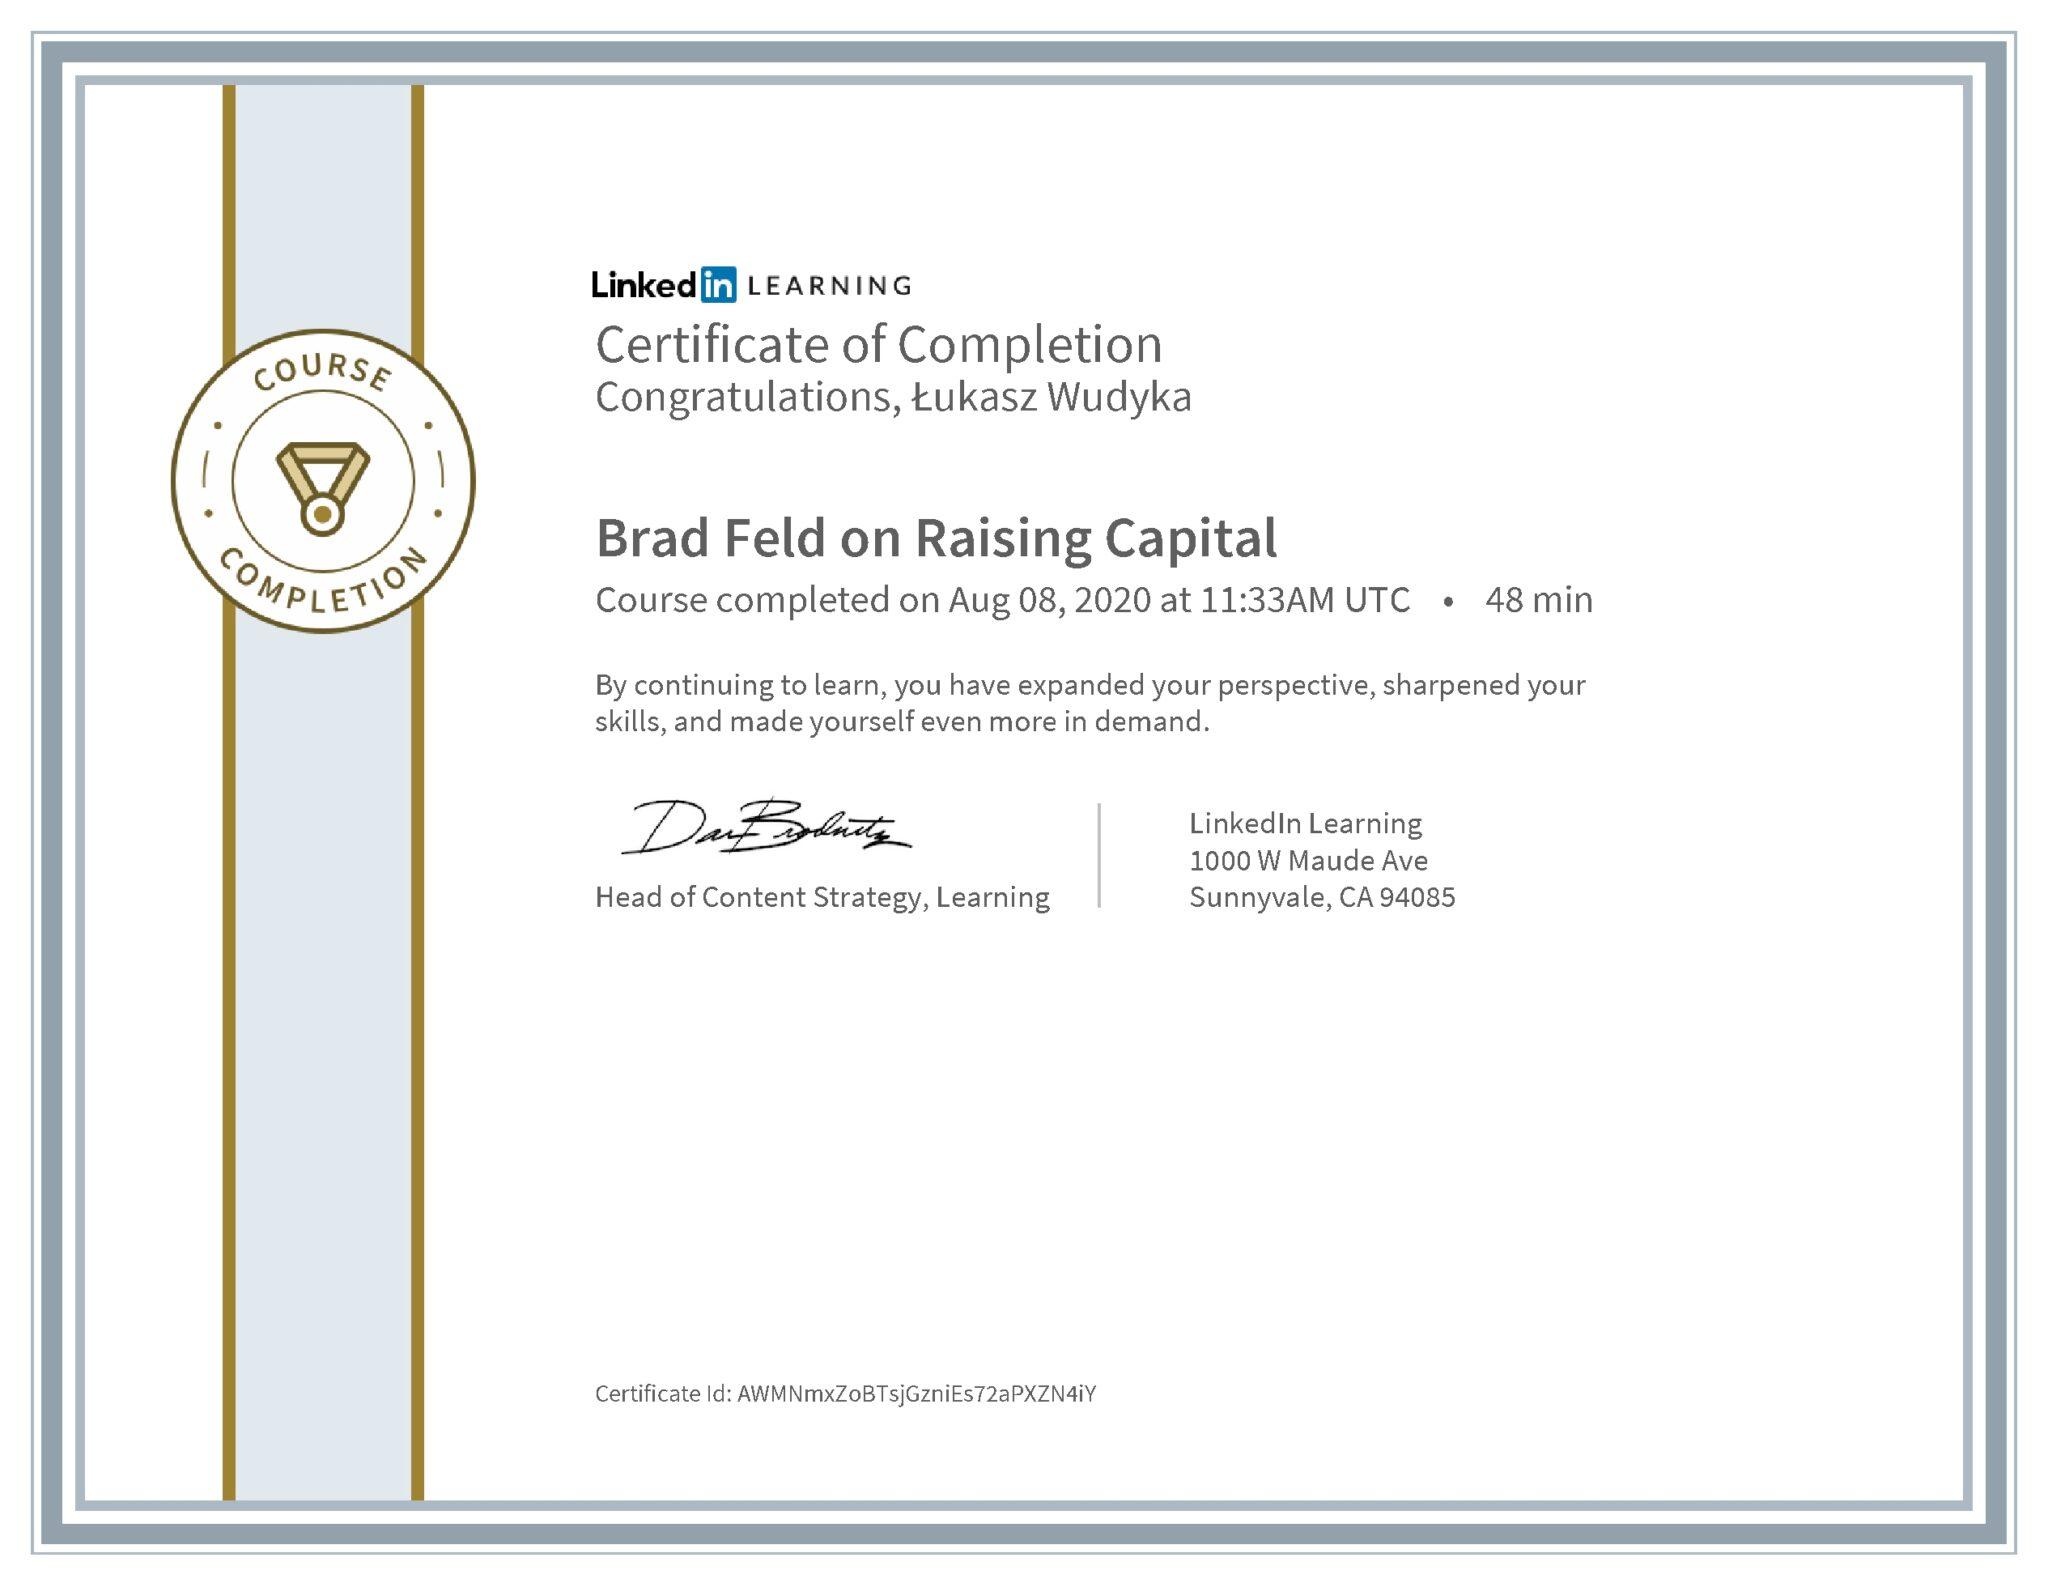 Łukasz Wudyka certyfikat LinkedIn Brad Feld on Raising Capital